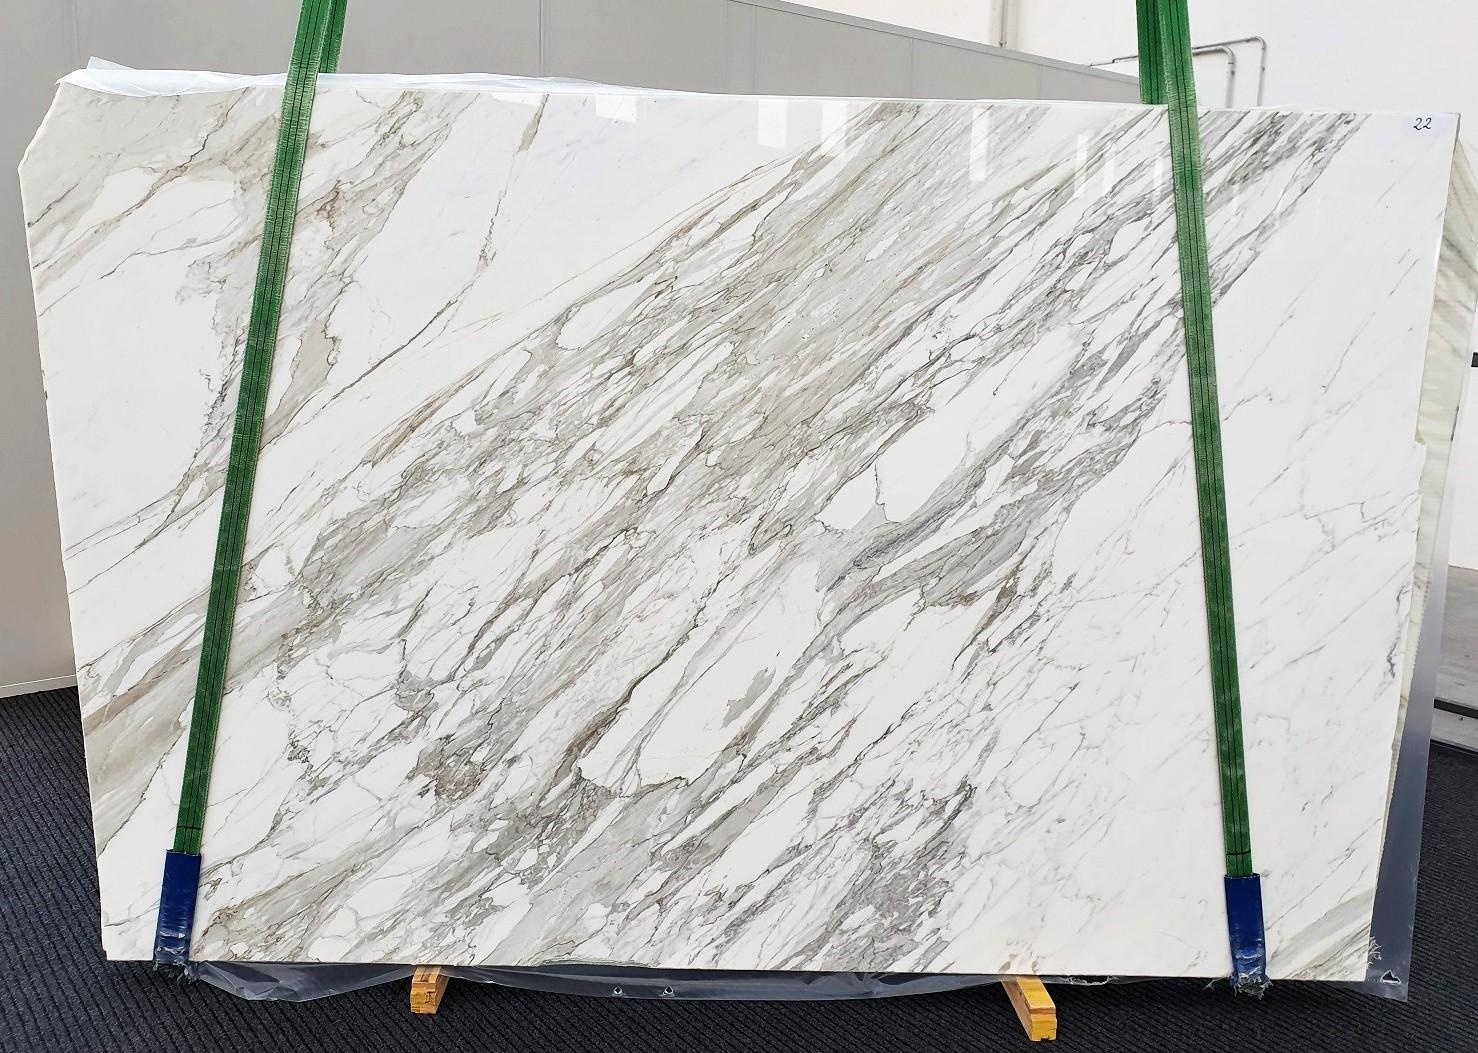 CALACATTA Suministro Veneto (Italia) de planchas pulidas en mármol natural 1344 , C - slab #22